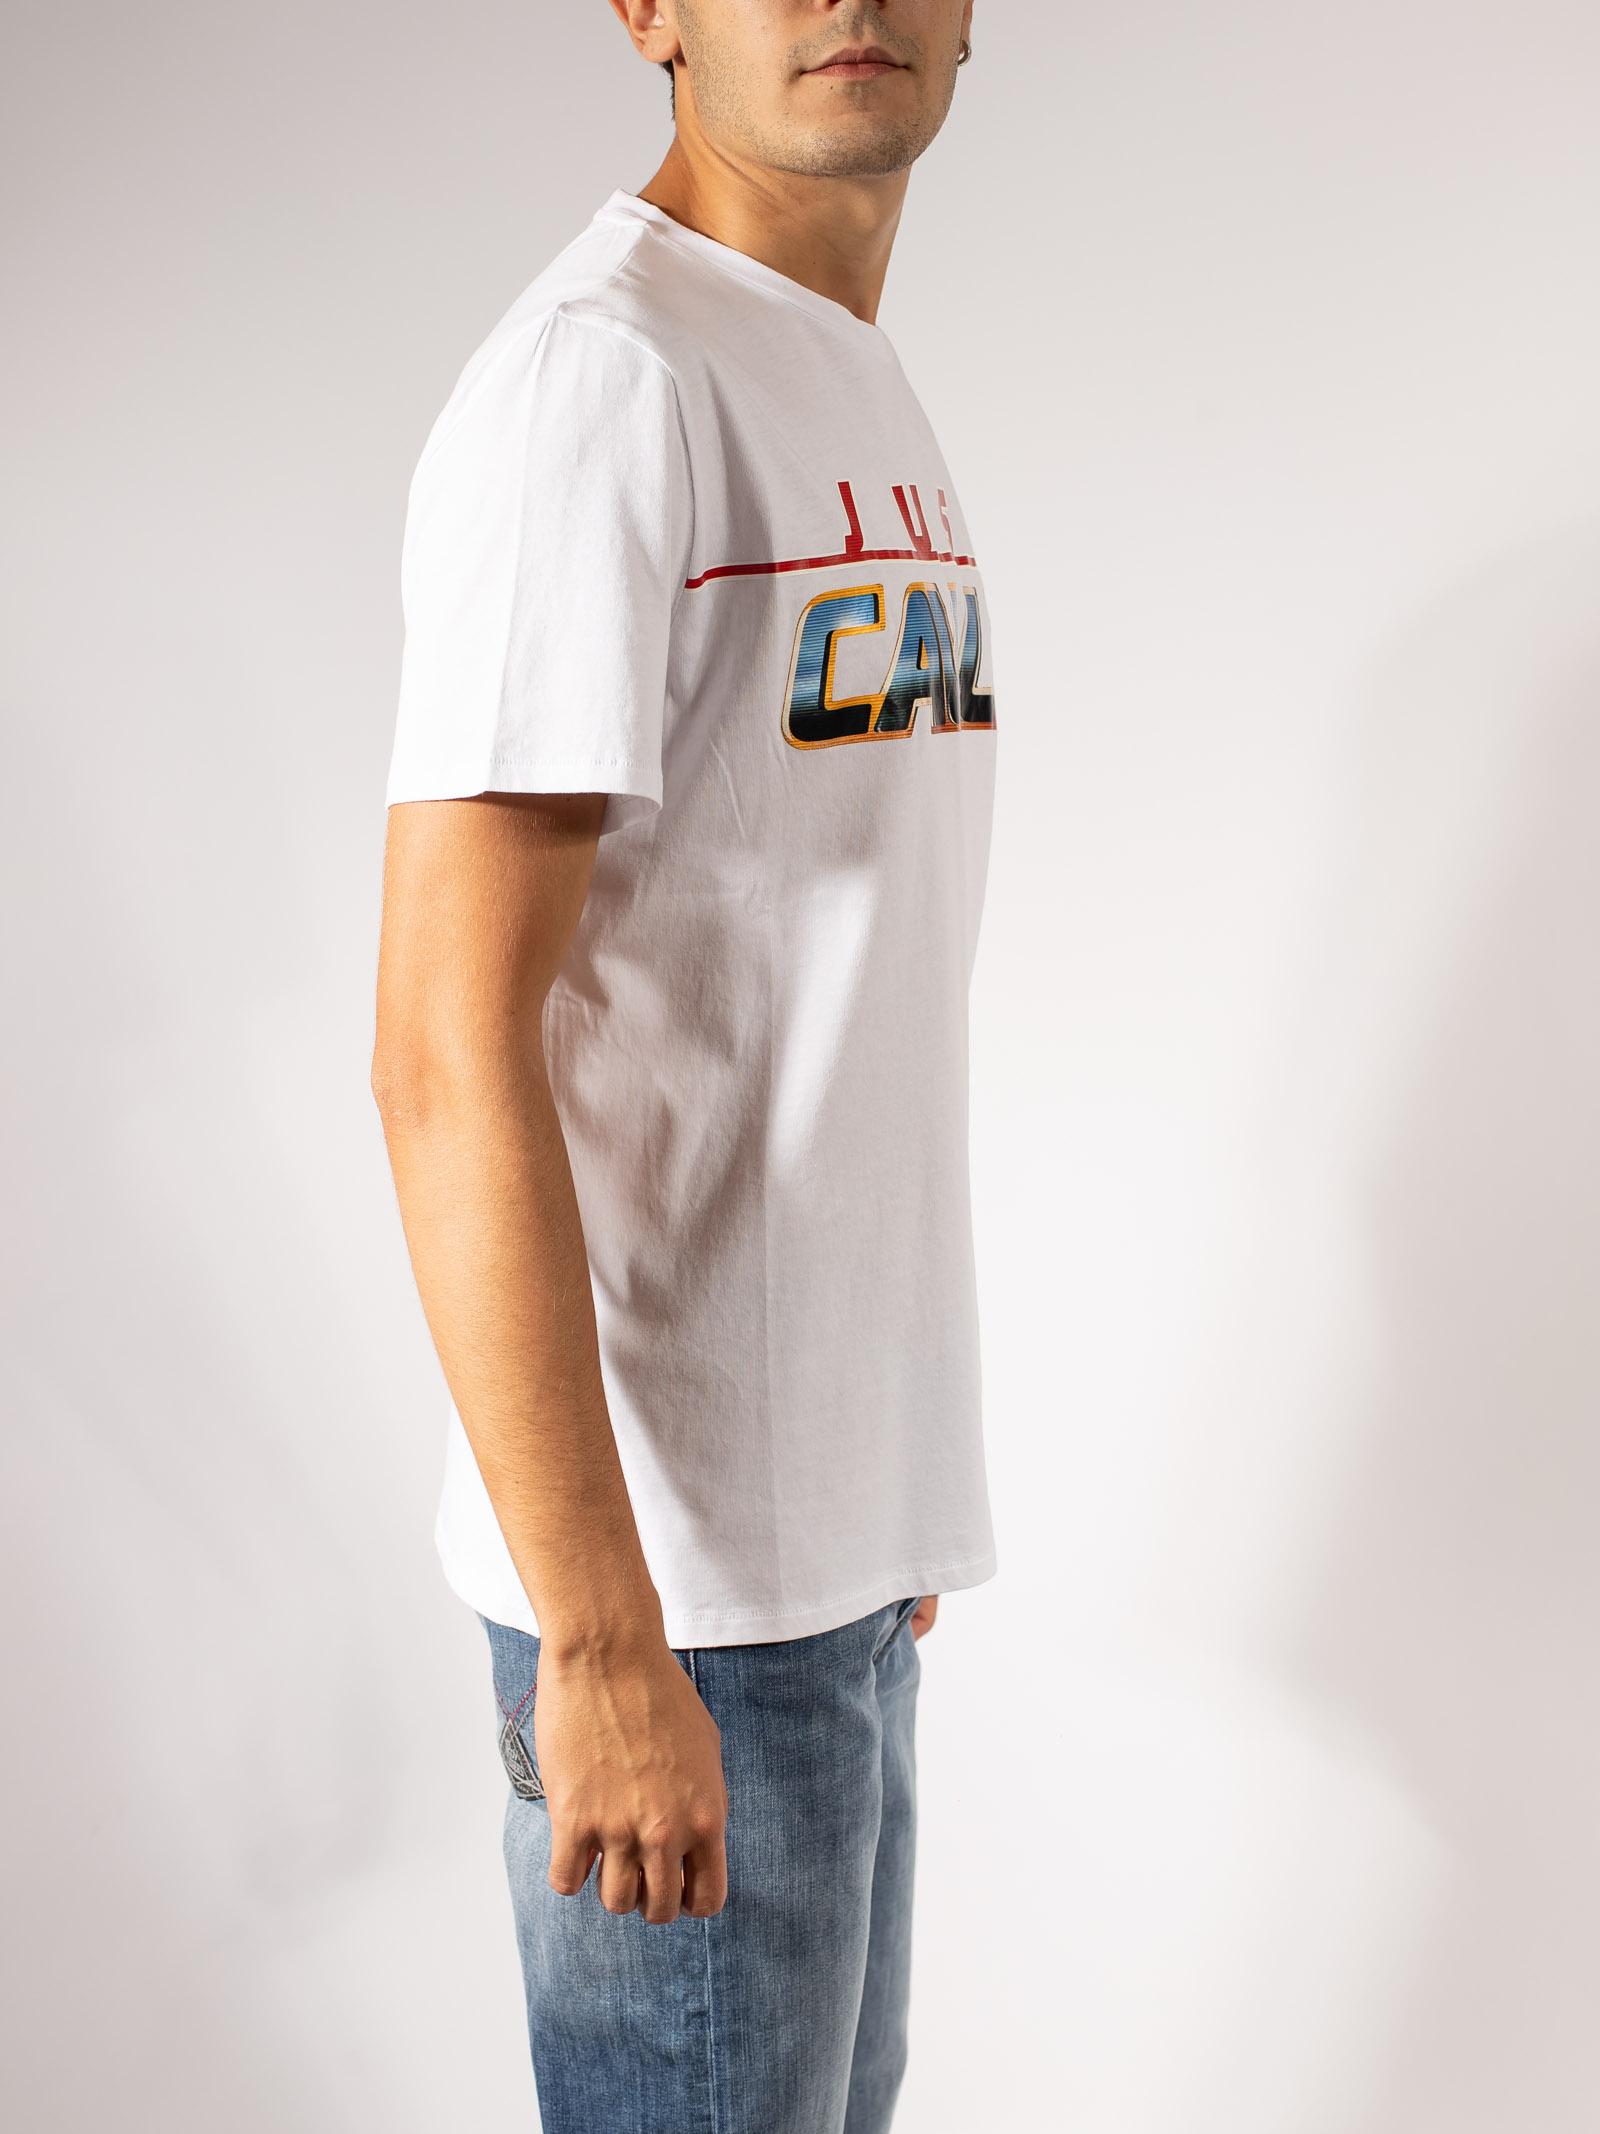 T-SHIRT STAMPA LOGO JUST CAVALLI | T-shirt | S03GC0636-N20663100